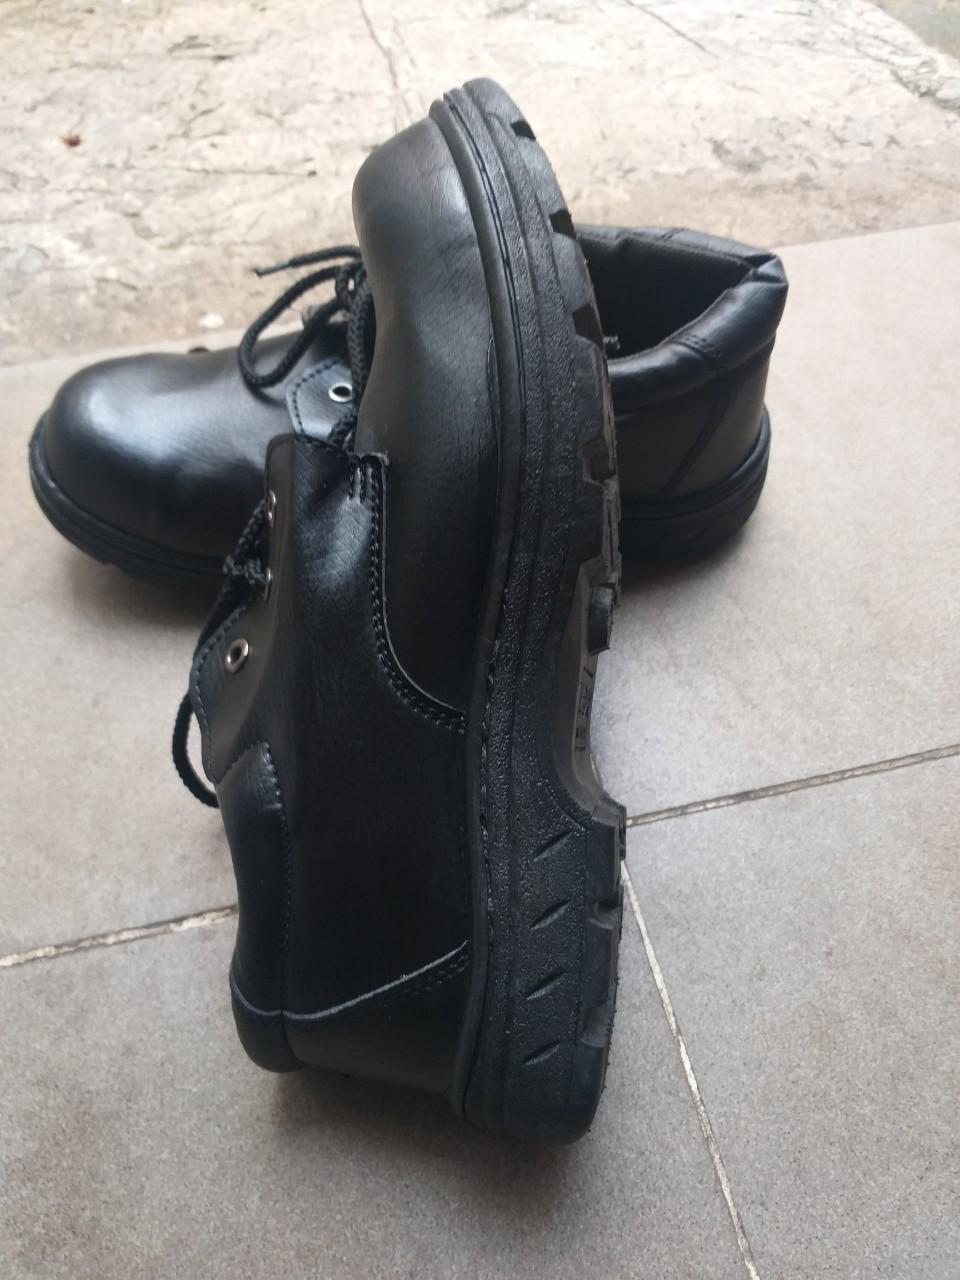 giày bảo hộ abc đế đúc chỉ đen